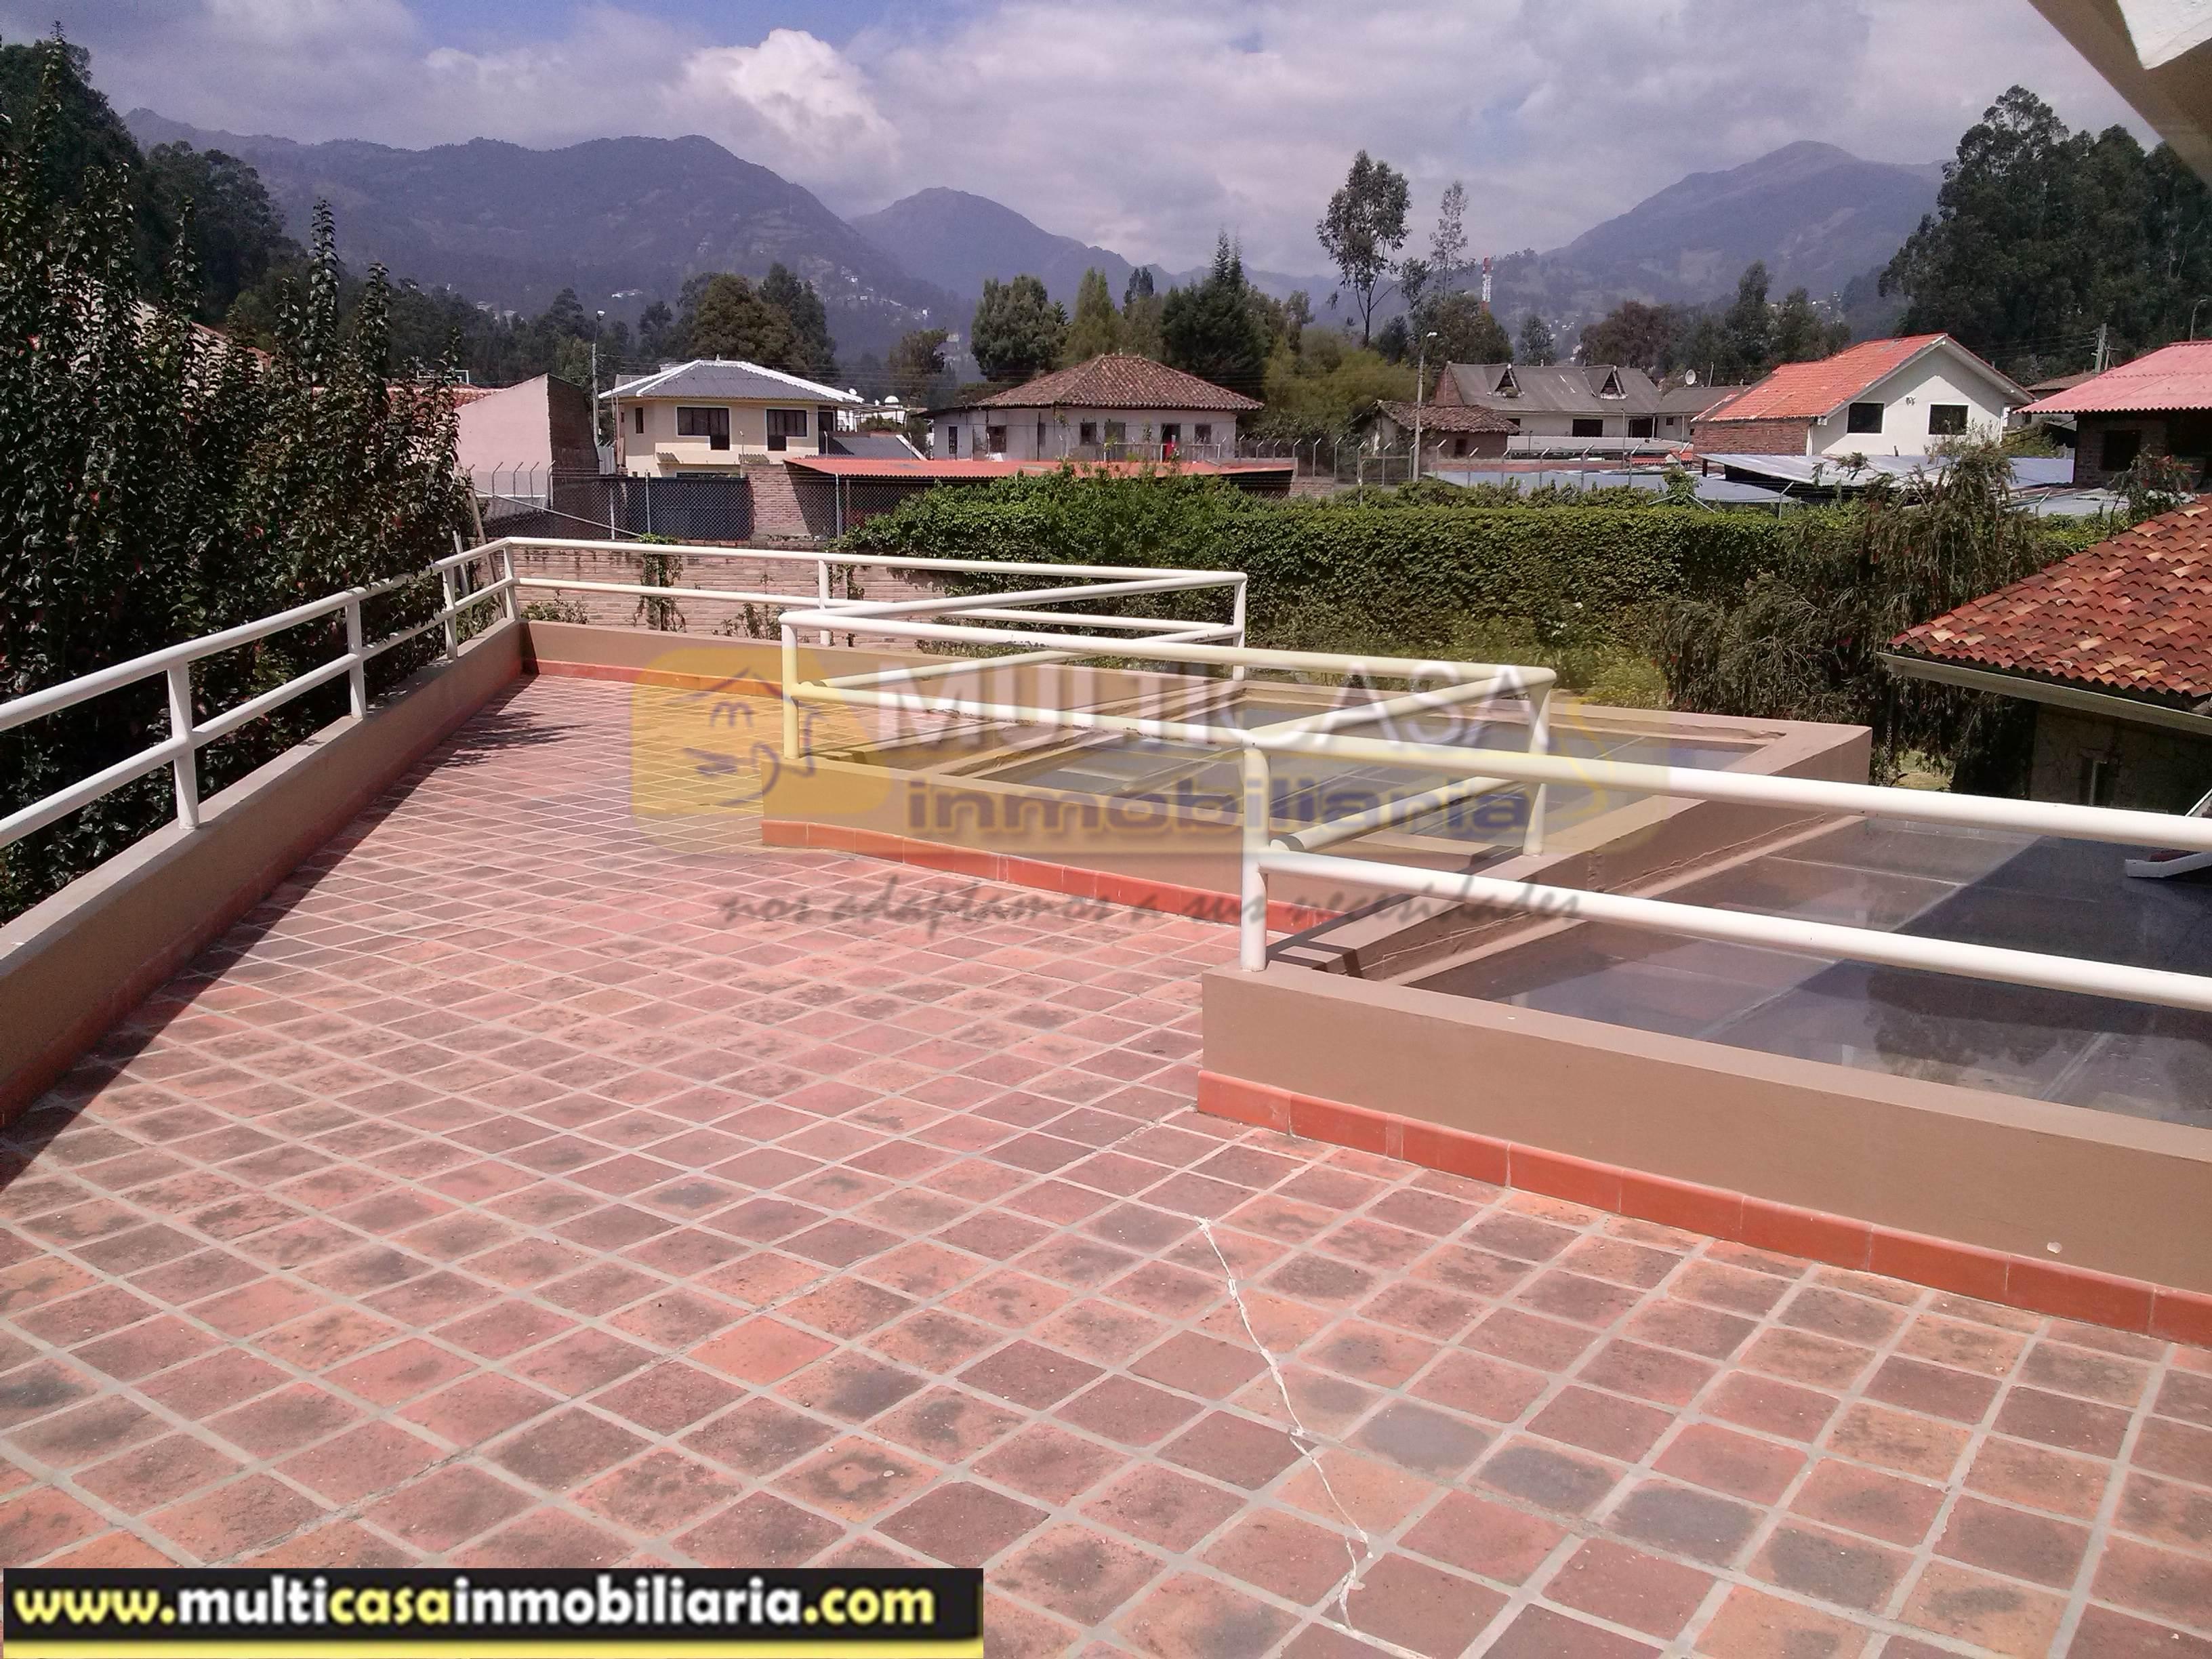 Casa en Venta a Crédito moderna Sector Rio Amarillo Cuenca-Ecuador